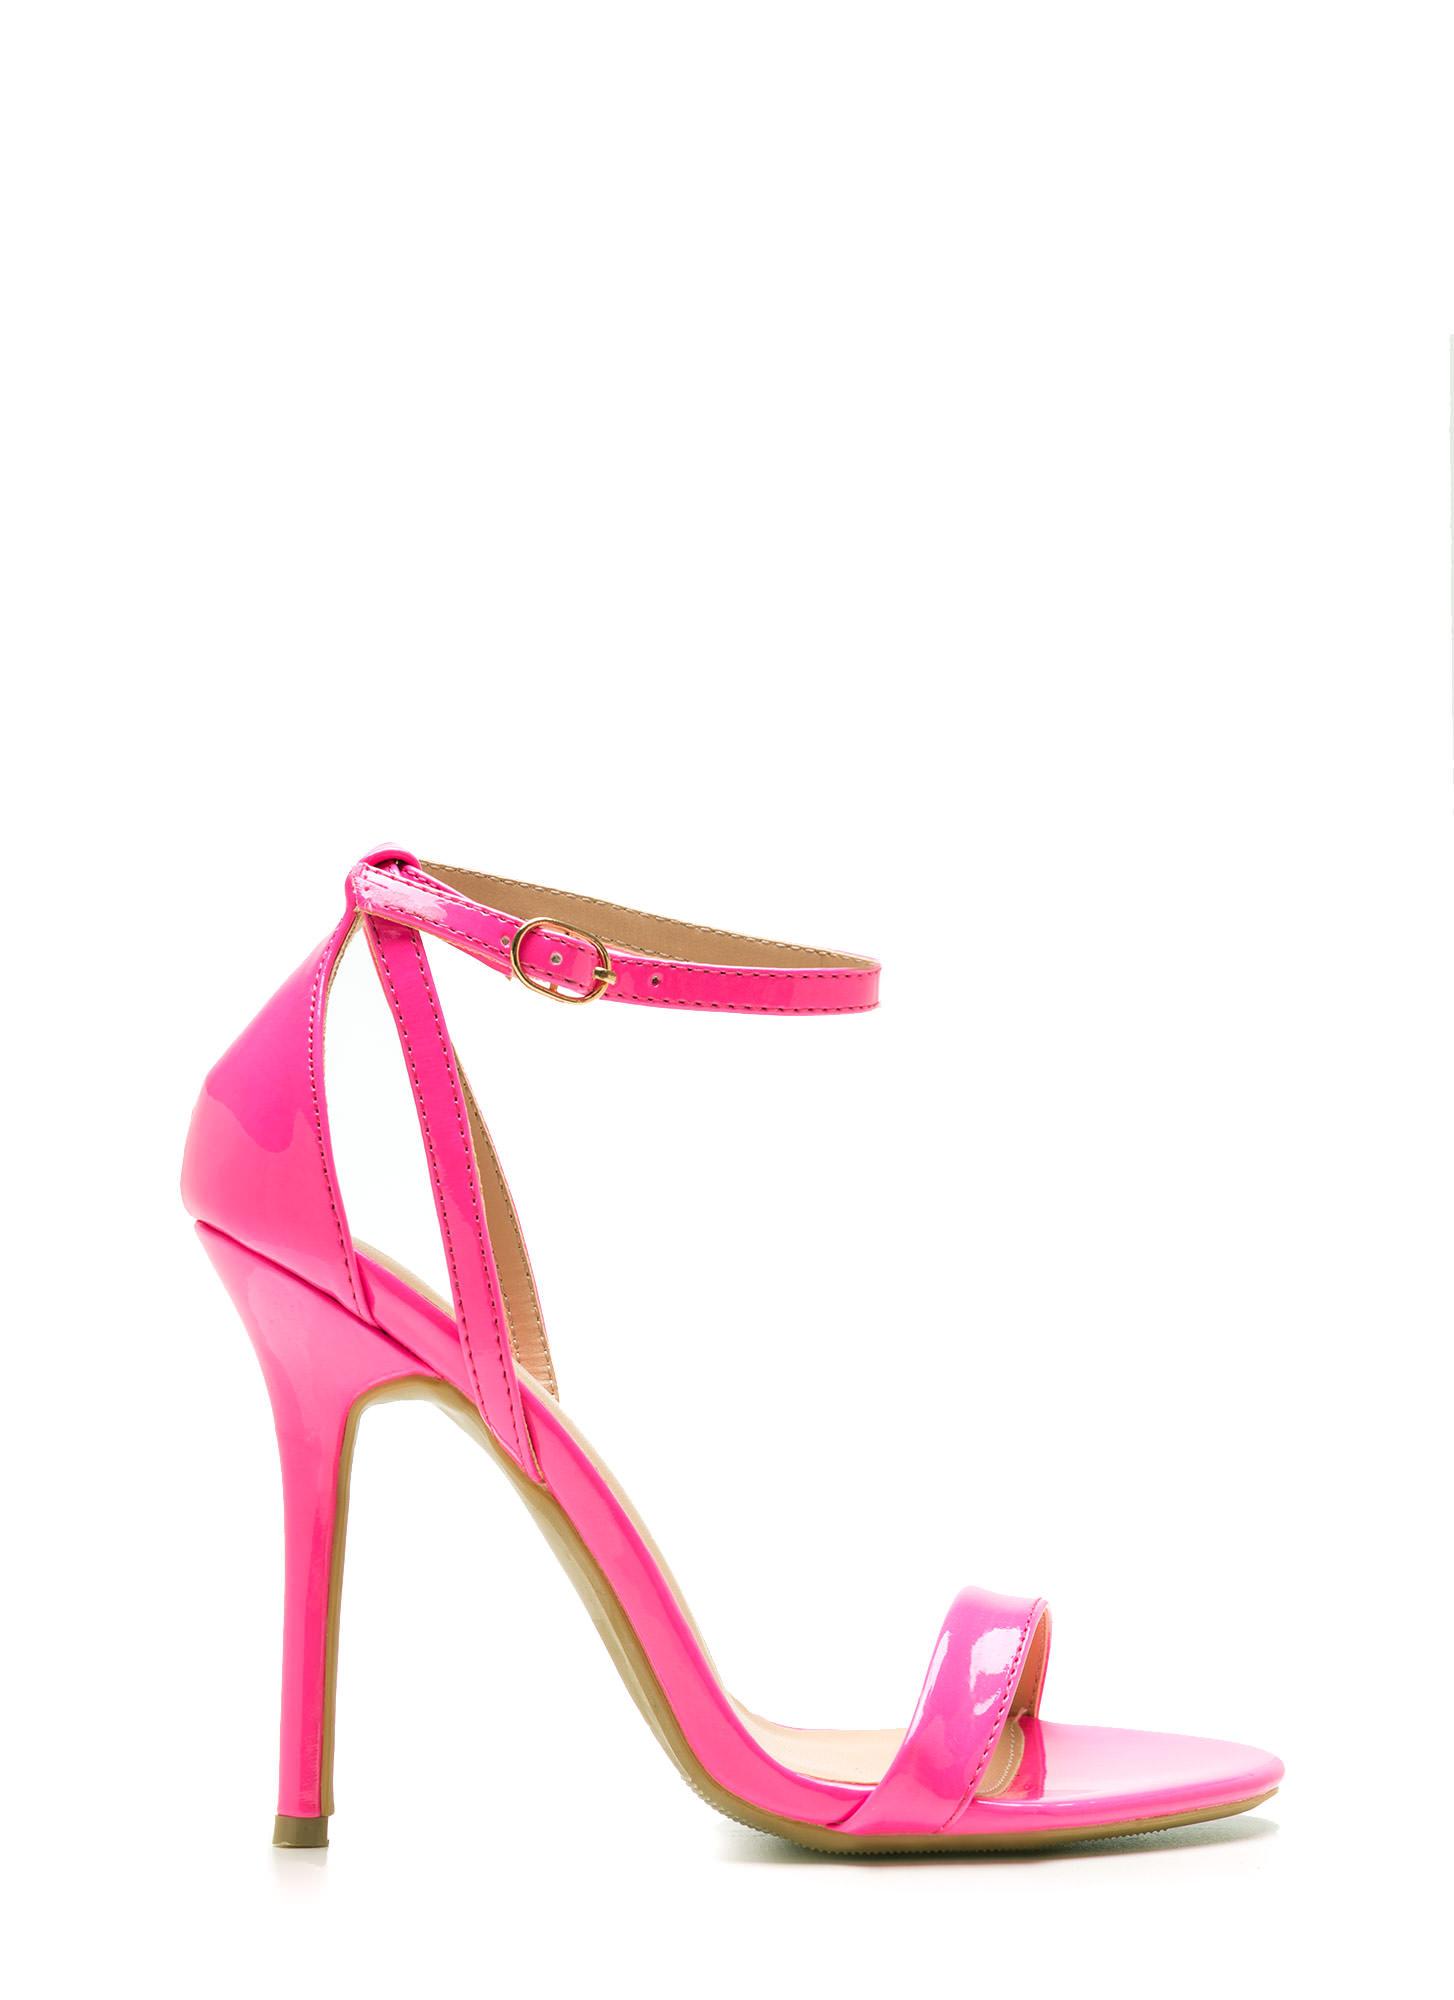 Neon Pink Strappy Heels - Is Heel